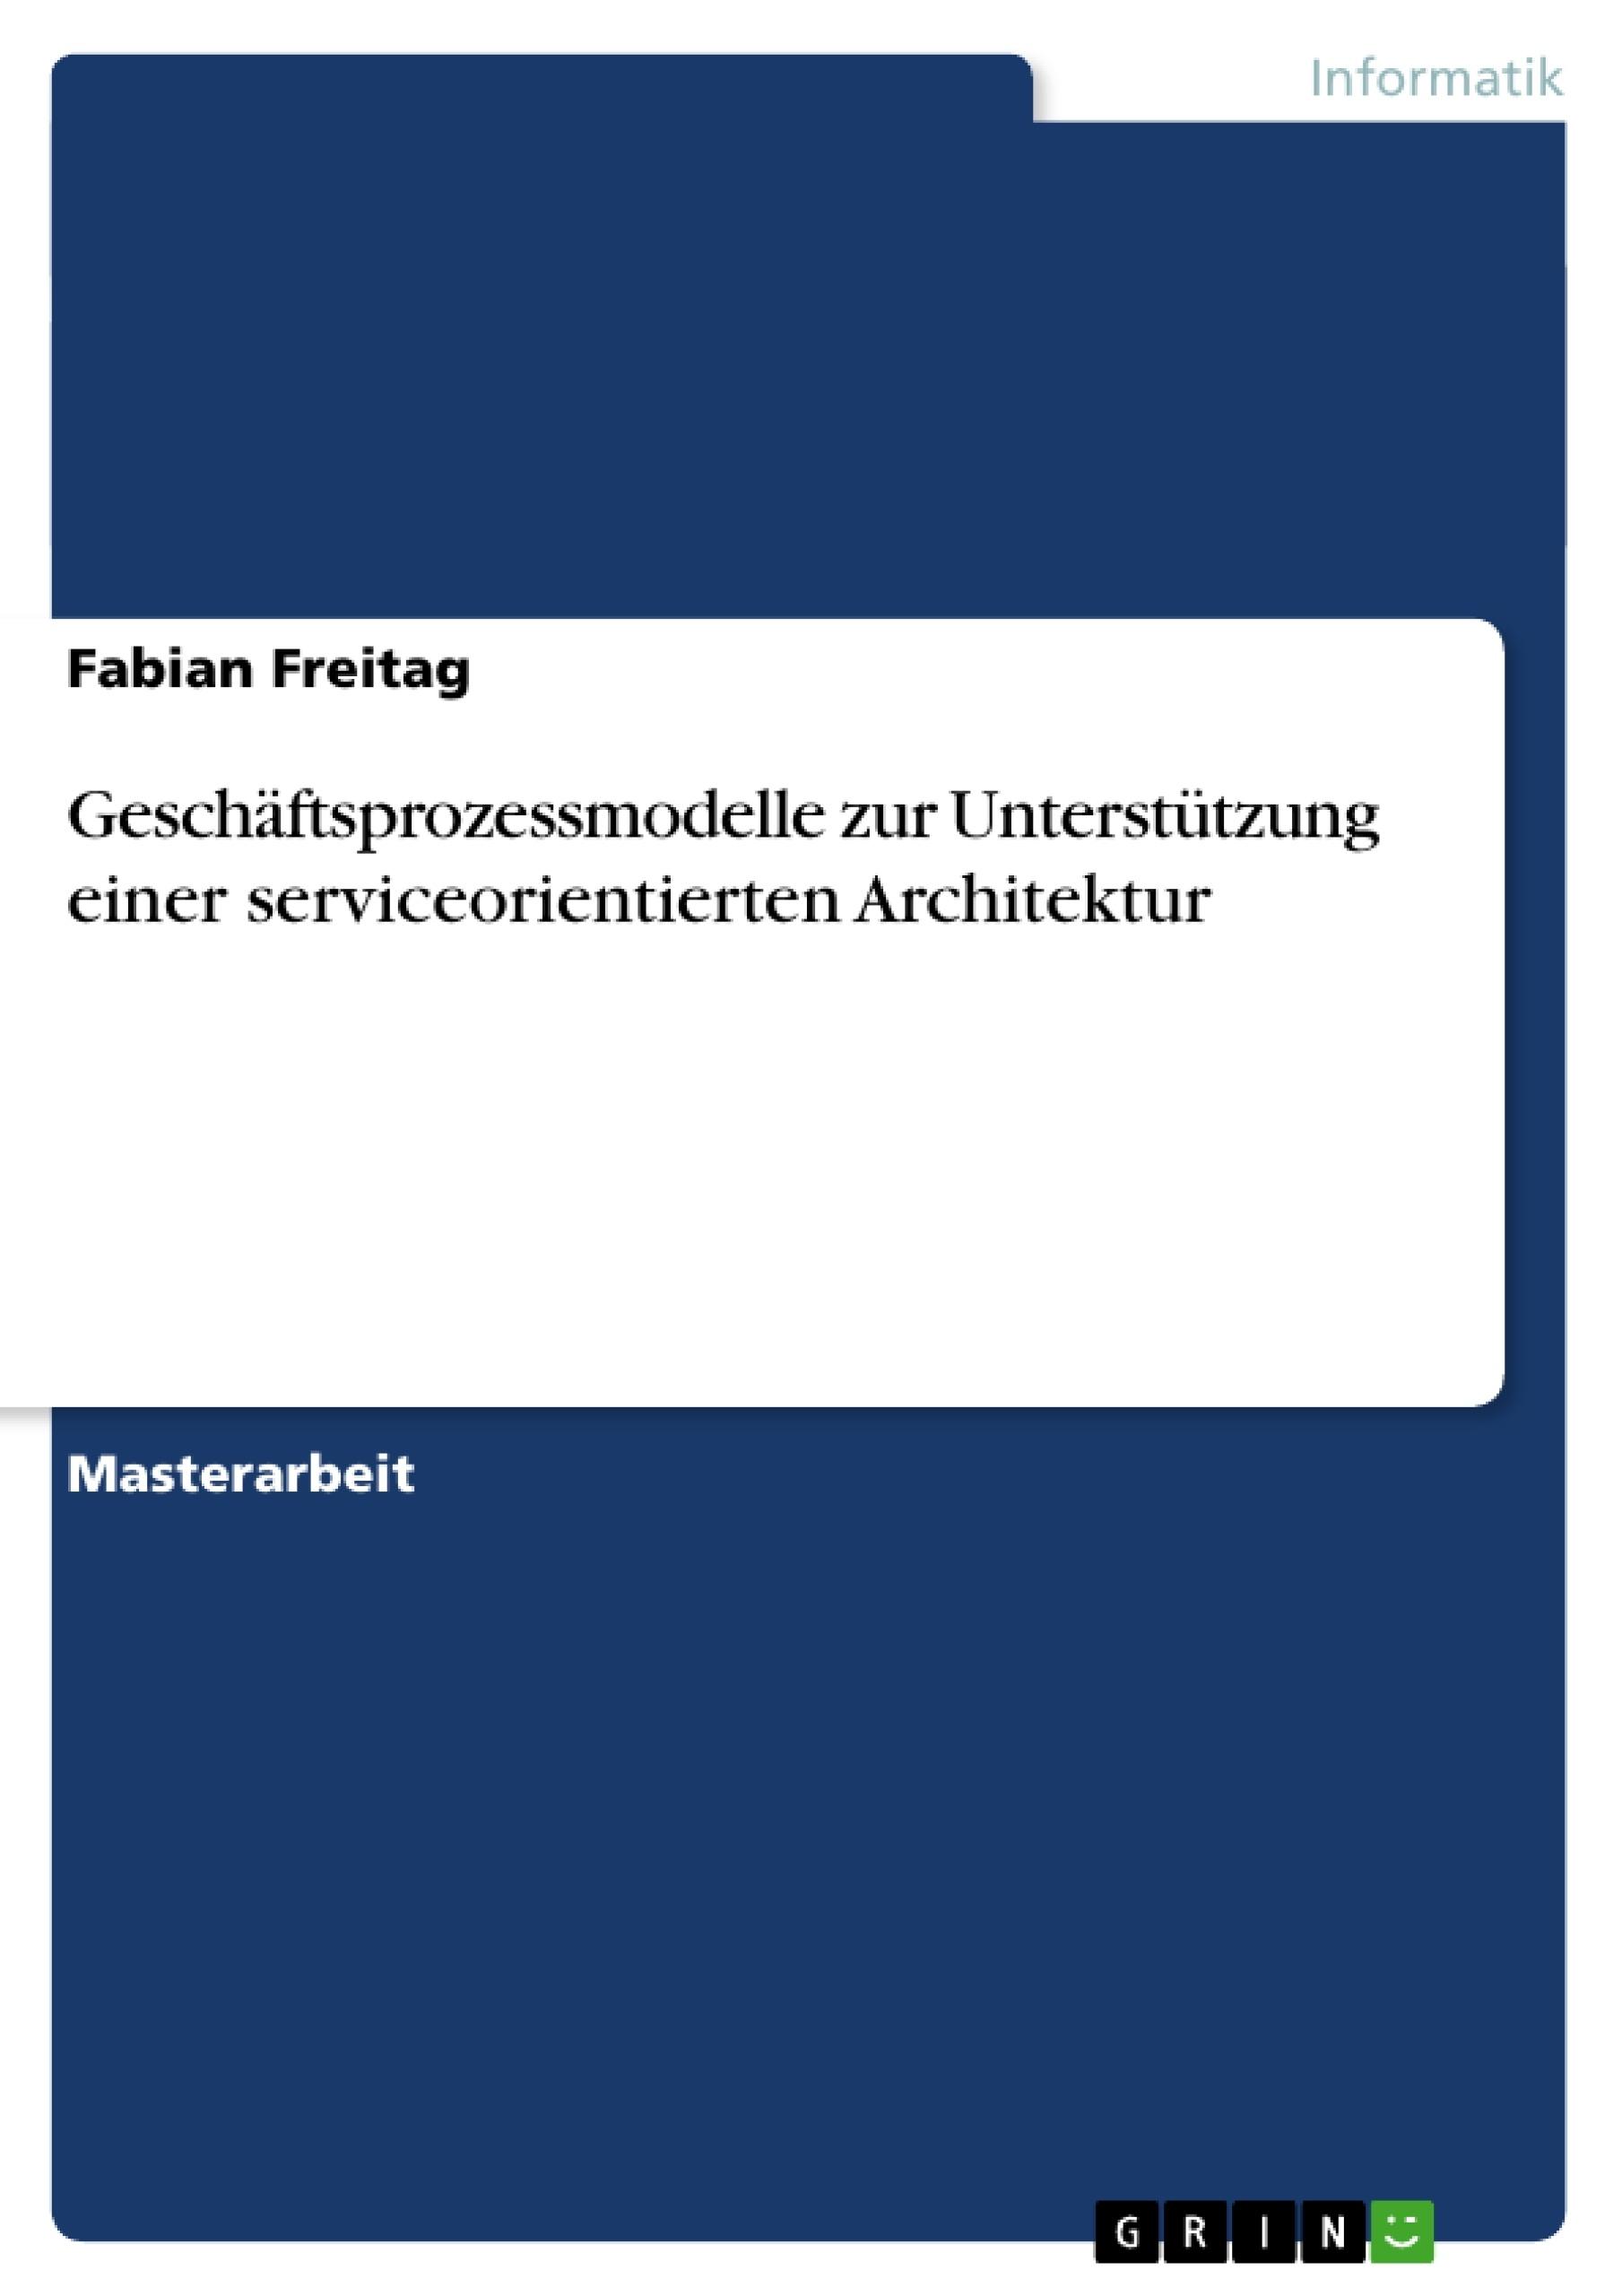 Titel: Geschäftsprozessmodelle zur Unterstützung einer serviceorientierten Architektur